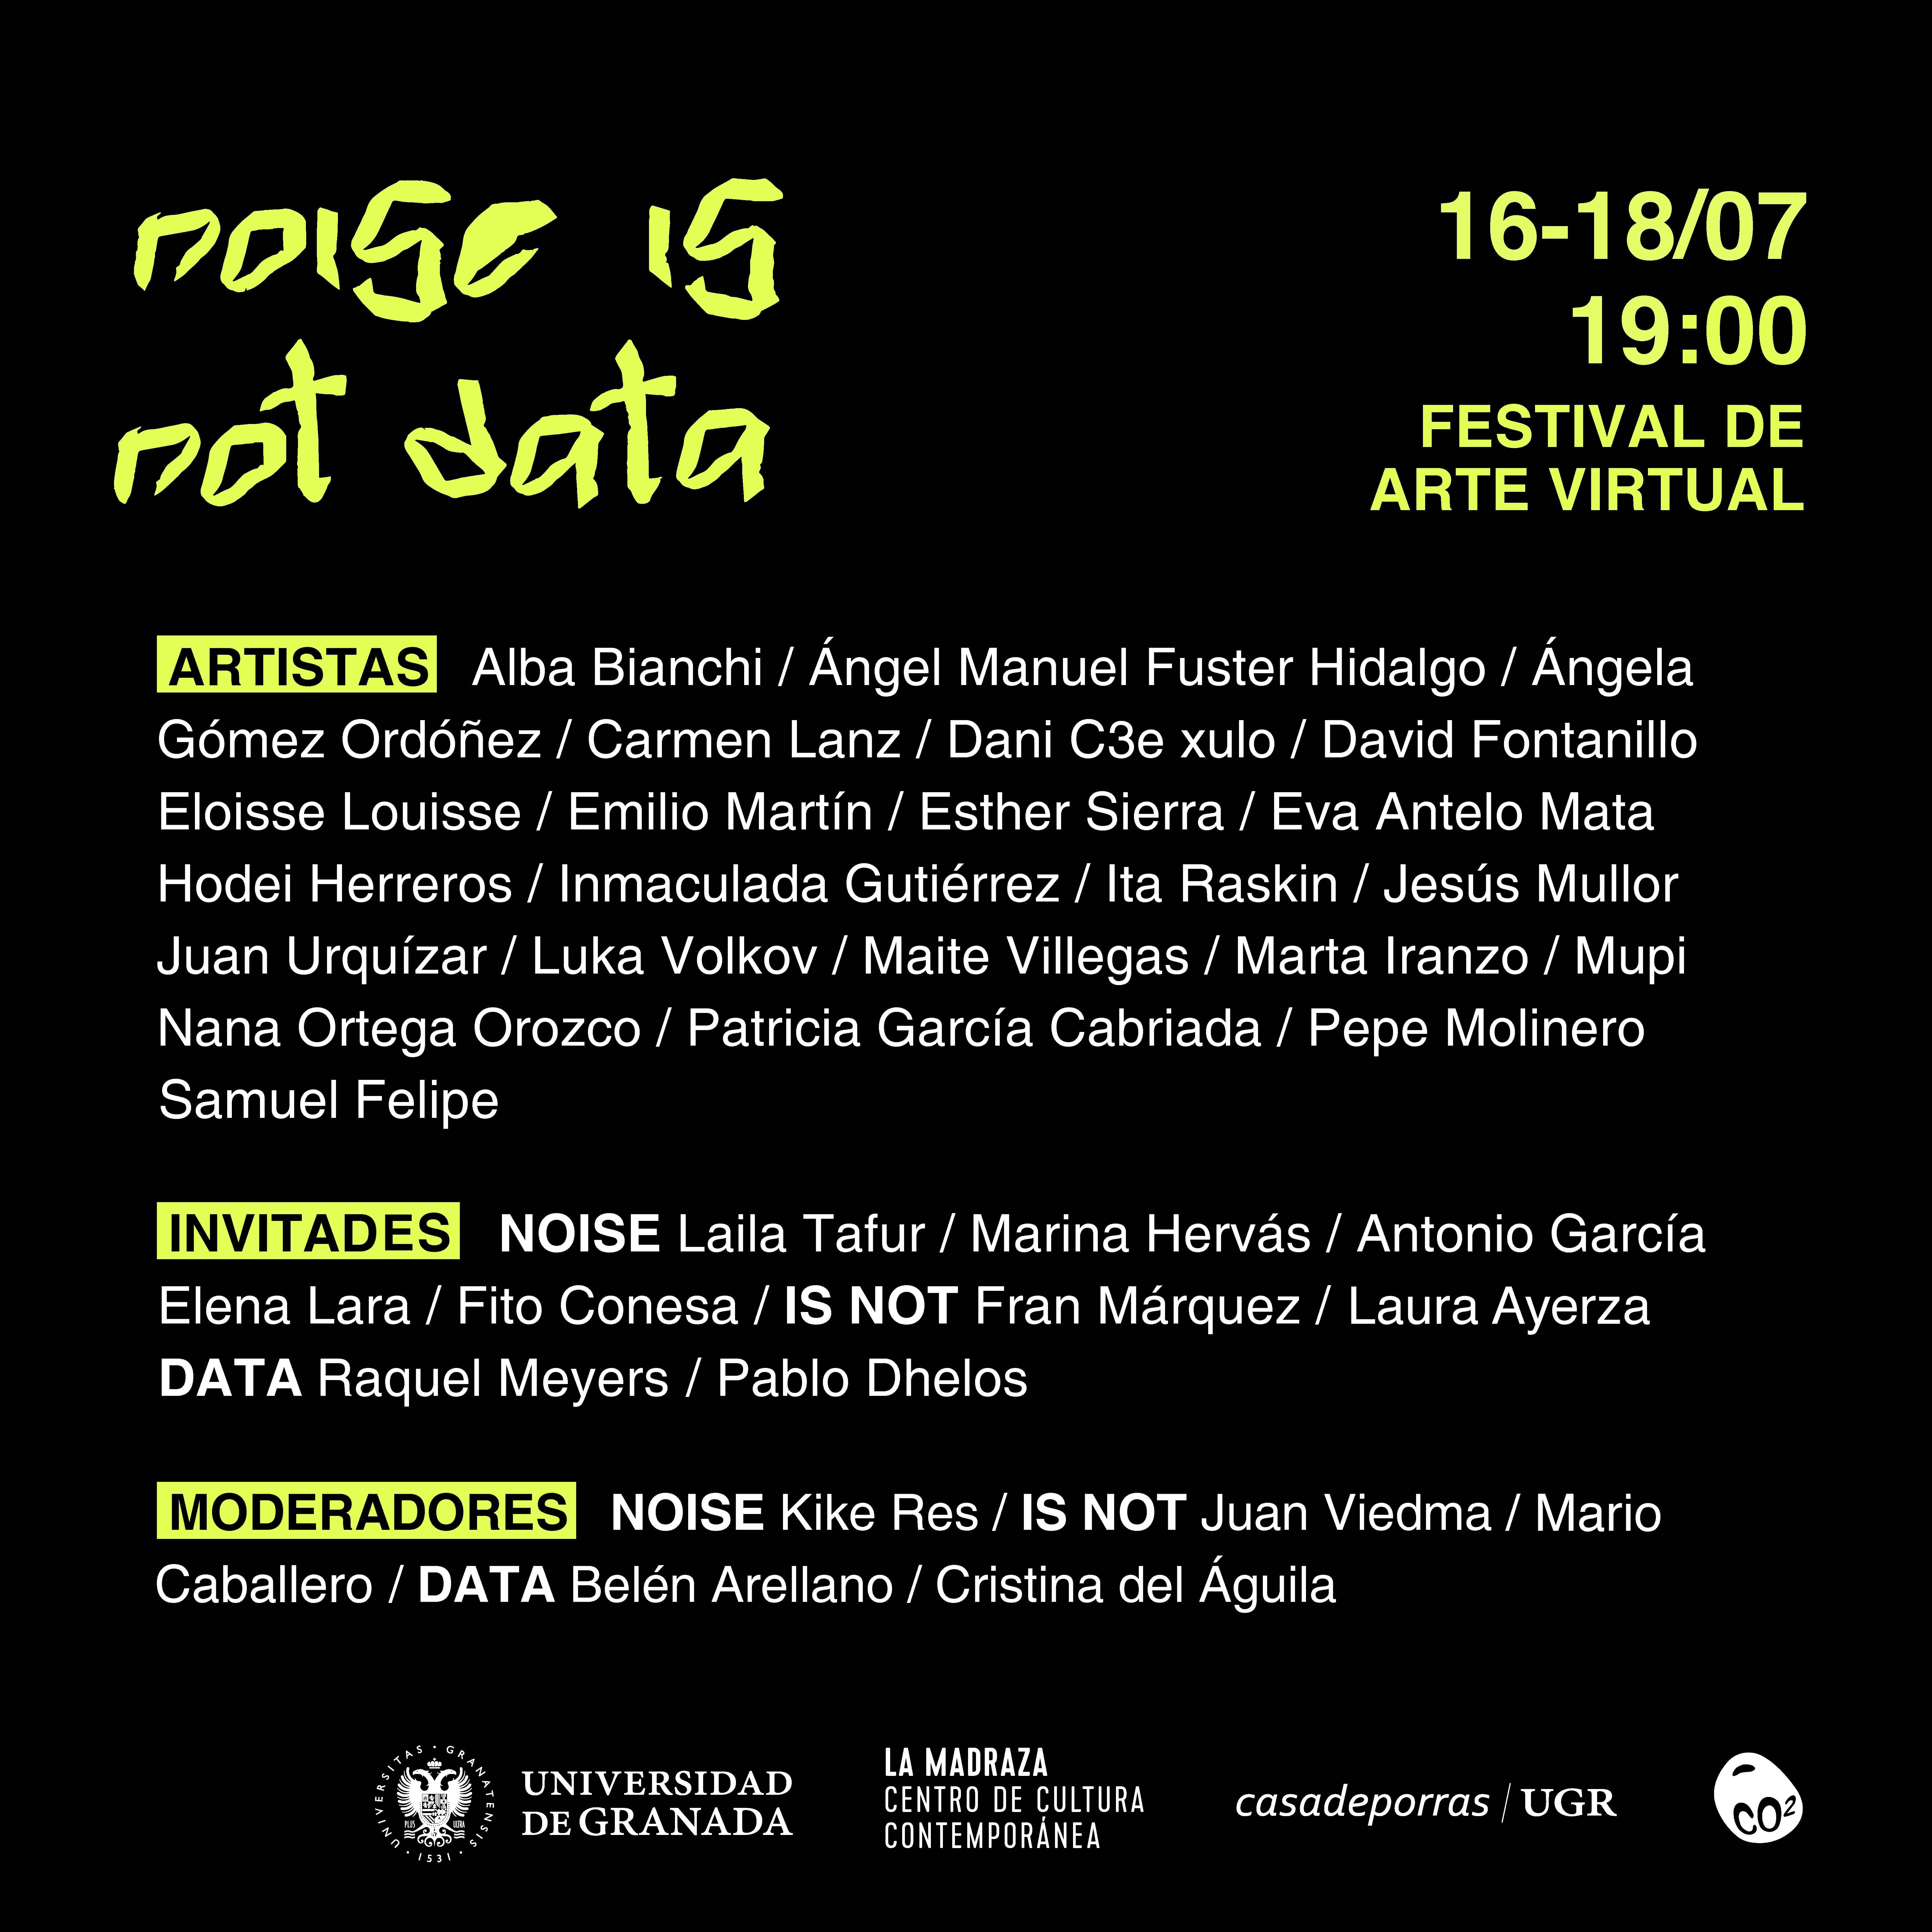 El festival de arte virtual 'Noise is not data' celebra su segunda edición